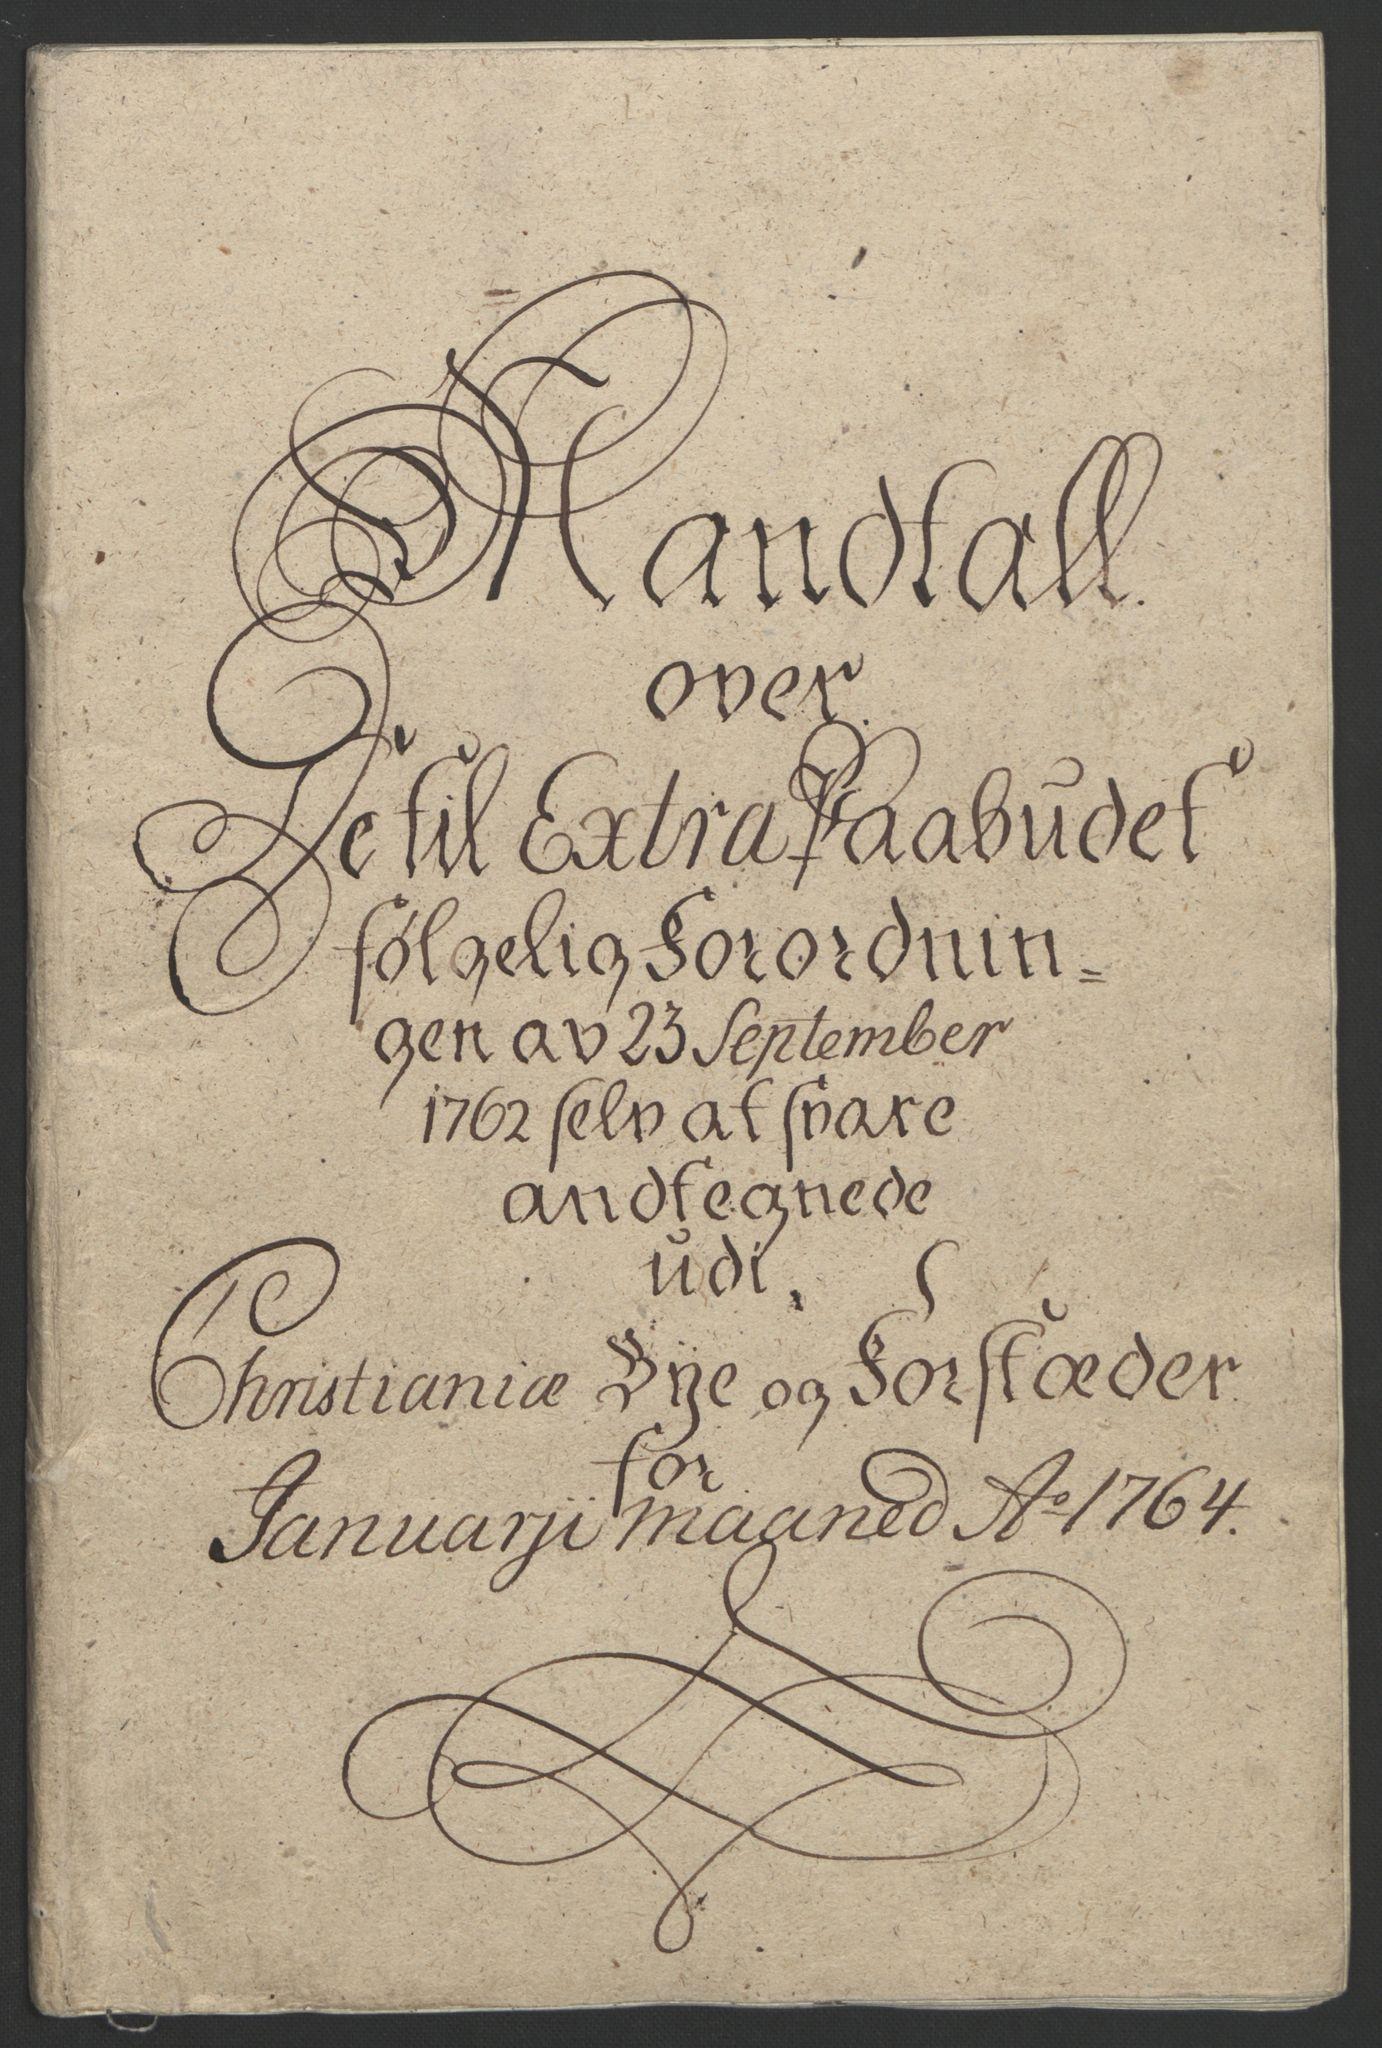 RA, Rentekammeret inntil 1814, Reviderte regnskaper, Byregnskaper, R/Re/L0072: [E13] Kontribusjonsregnskap, 1763-1764, s. 228